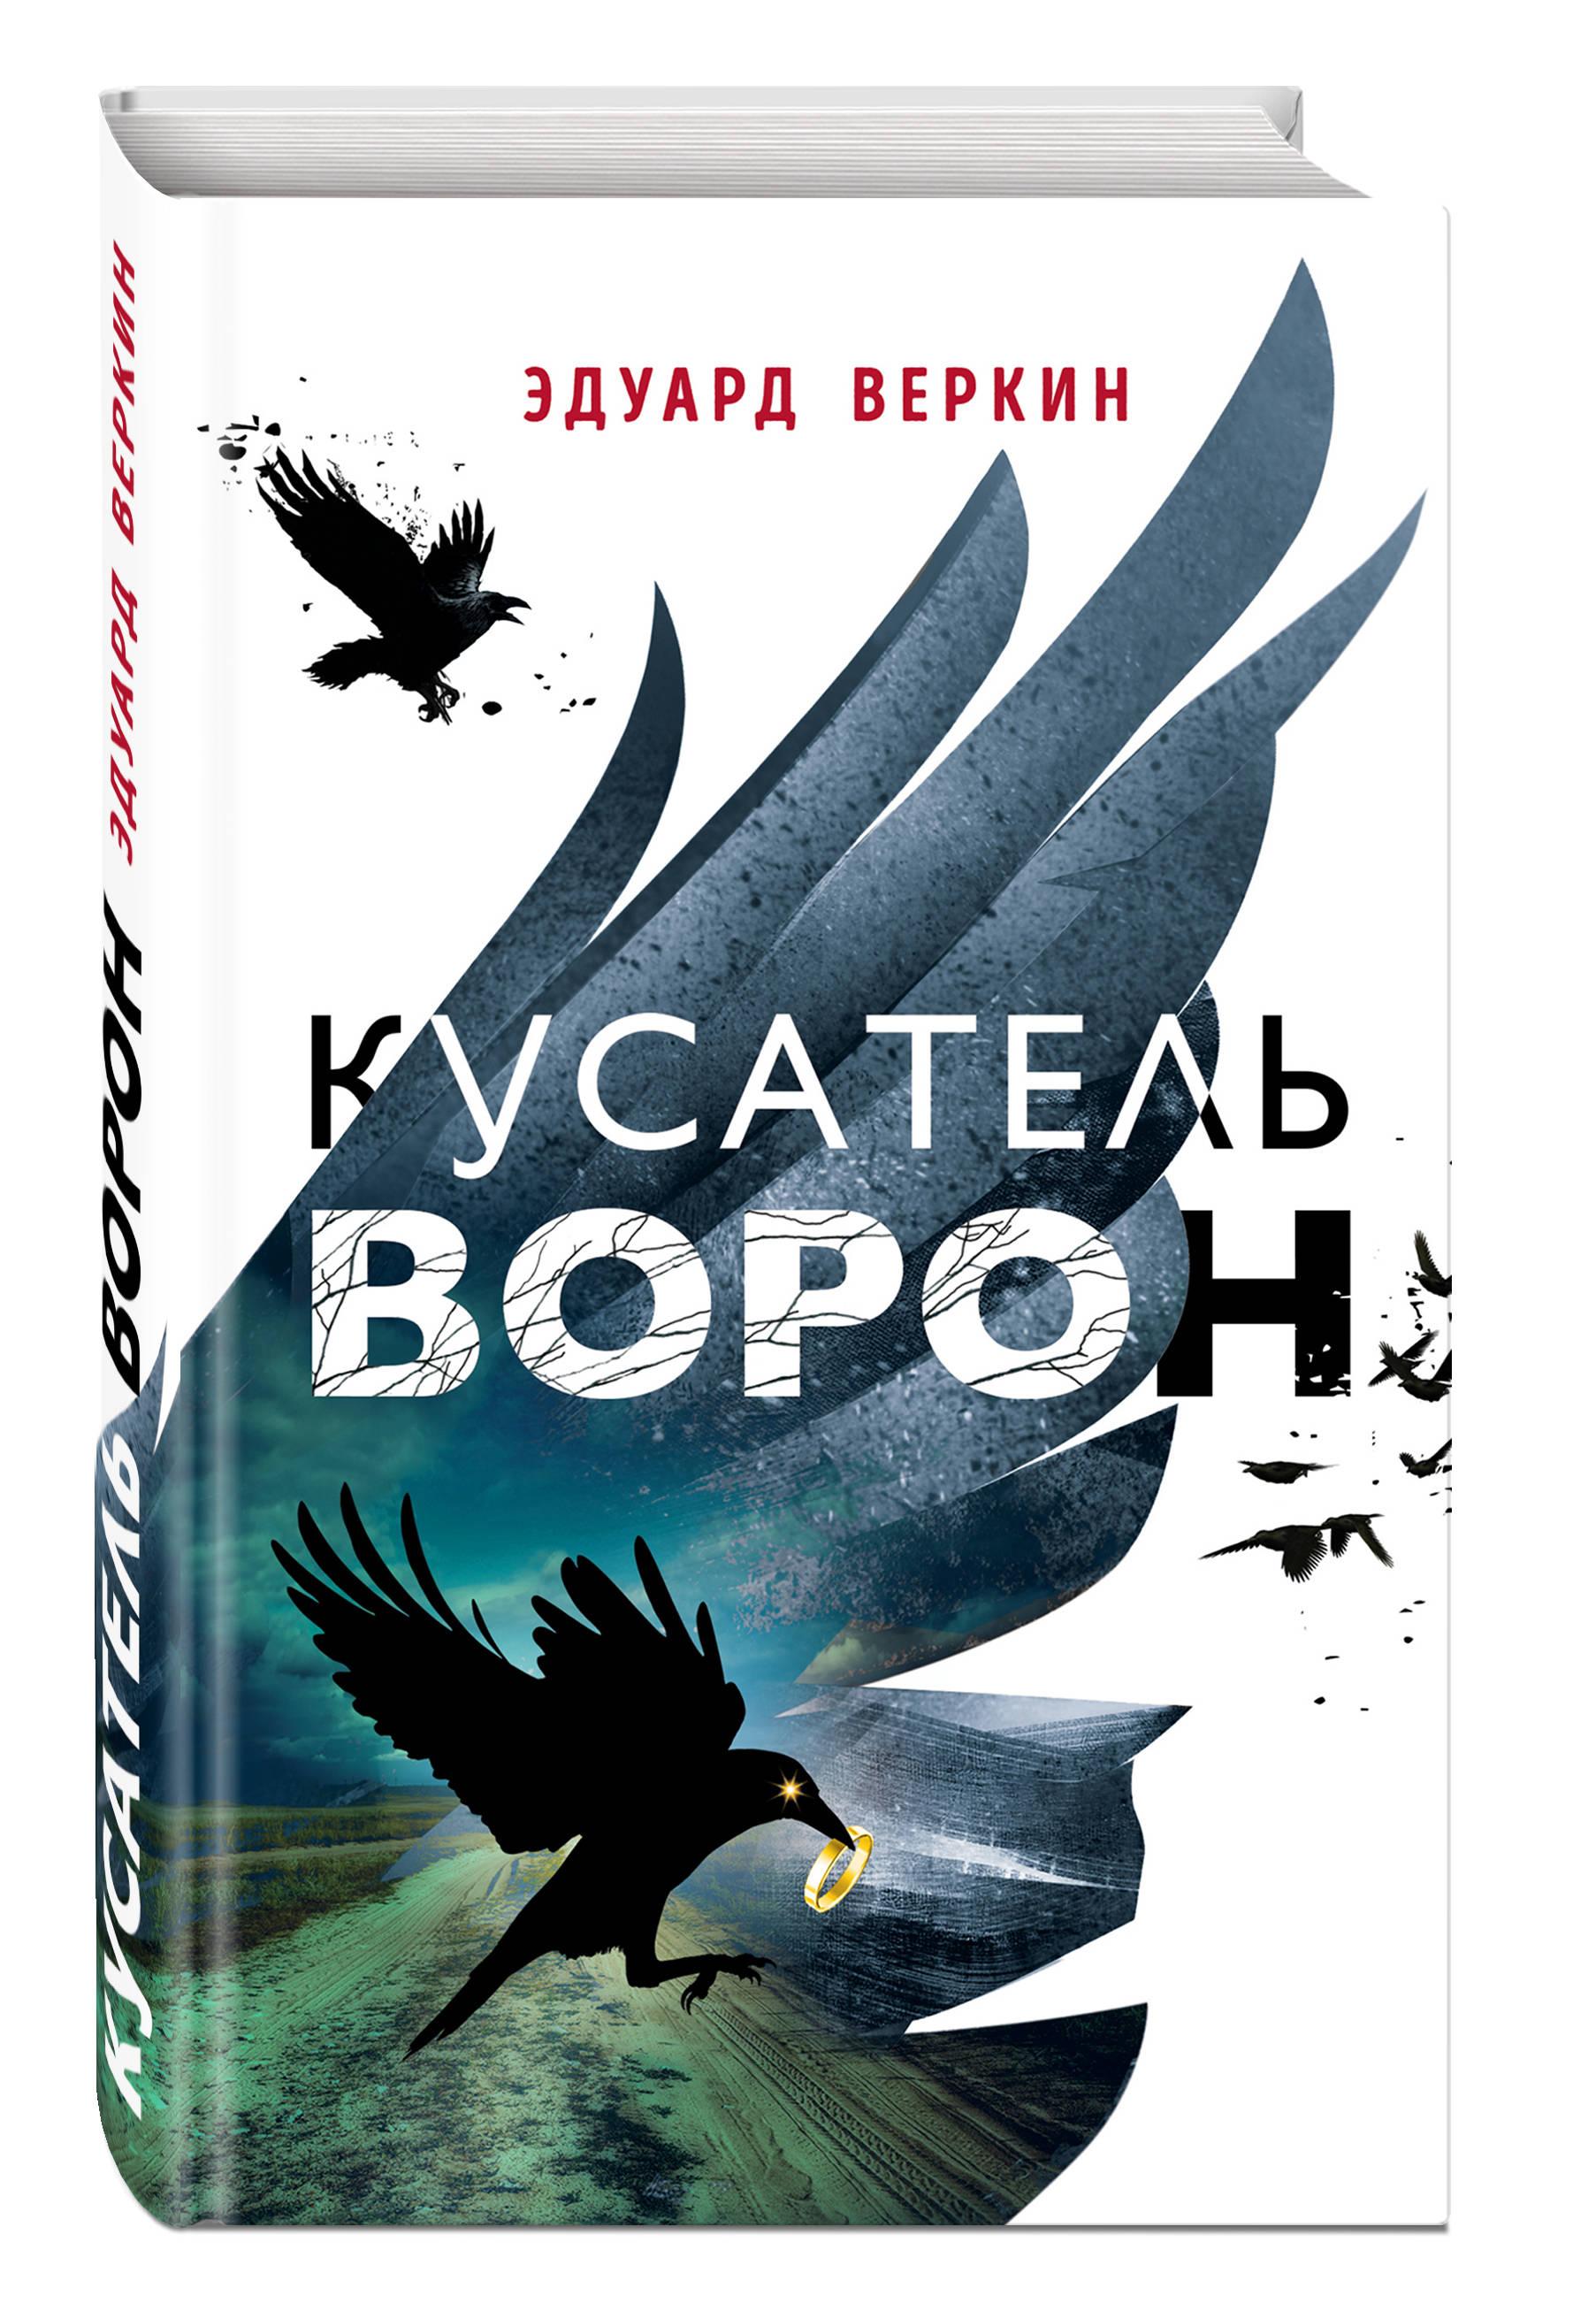 Веркин Эдуард Николаевич Кусатель ворон